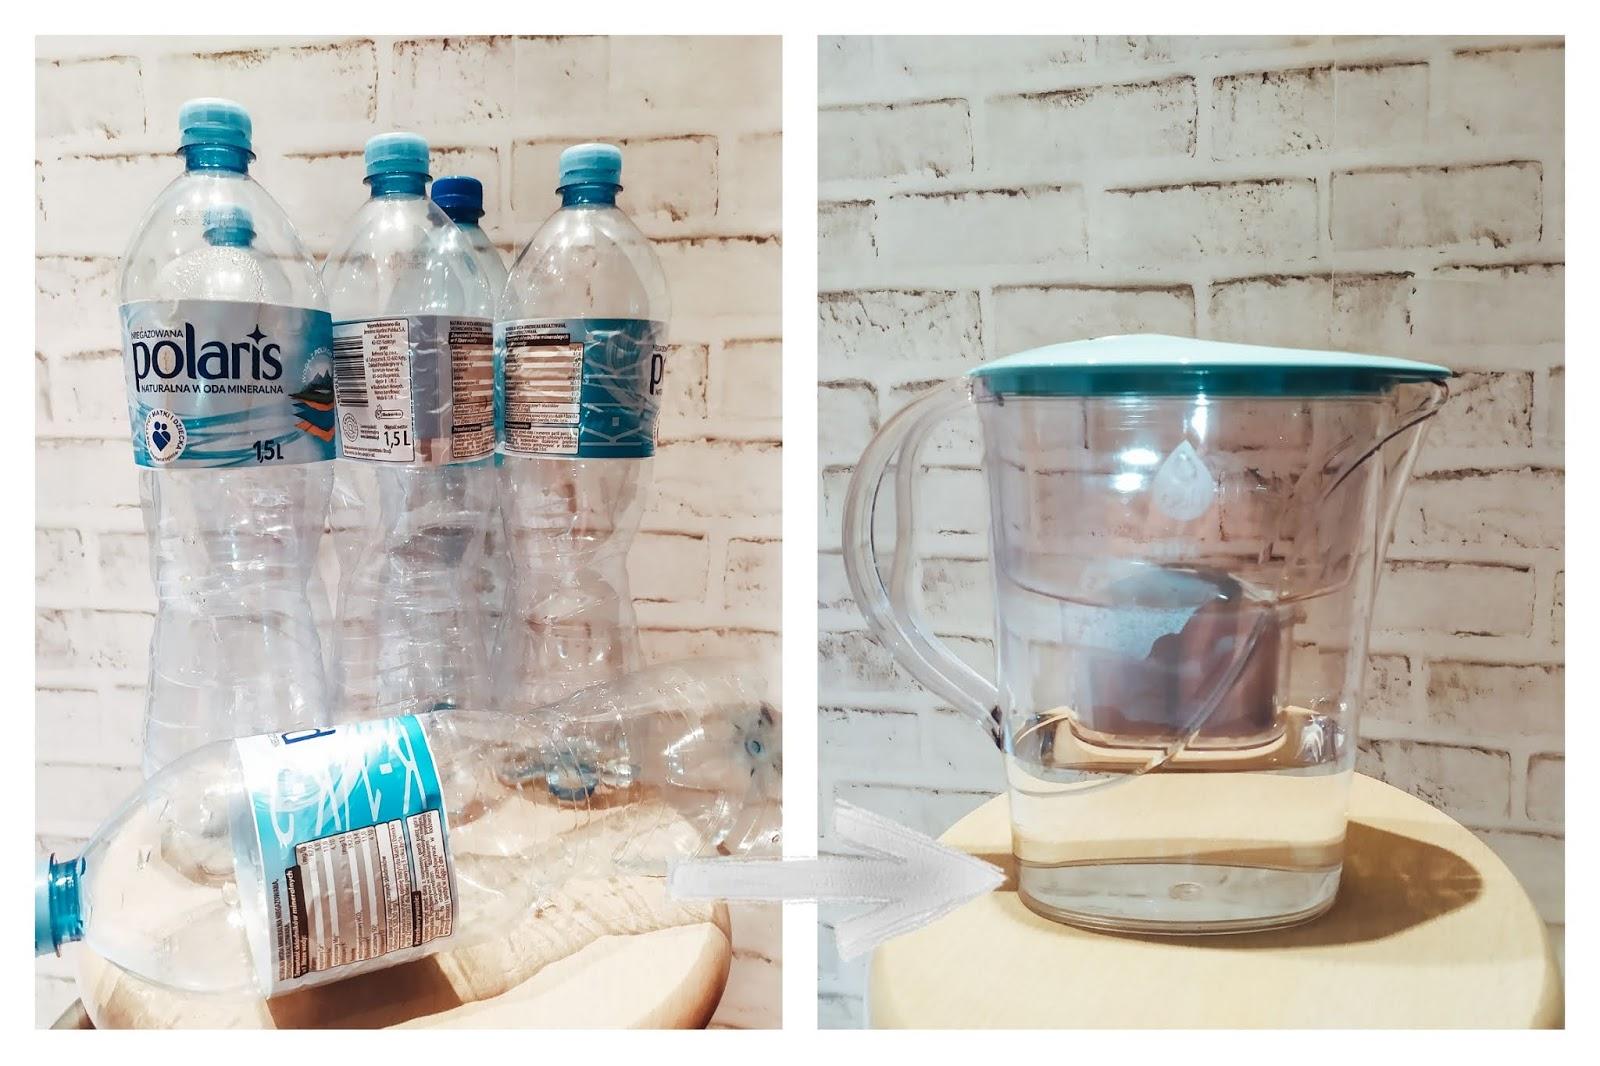 | dafi | brita | oszczędzanie | ekologia | woda | woda mineralna | unimax | aquaphor | dzbanek filtrujący | oszczędnośc | oszczędzanie